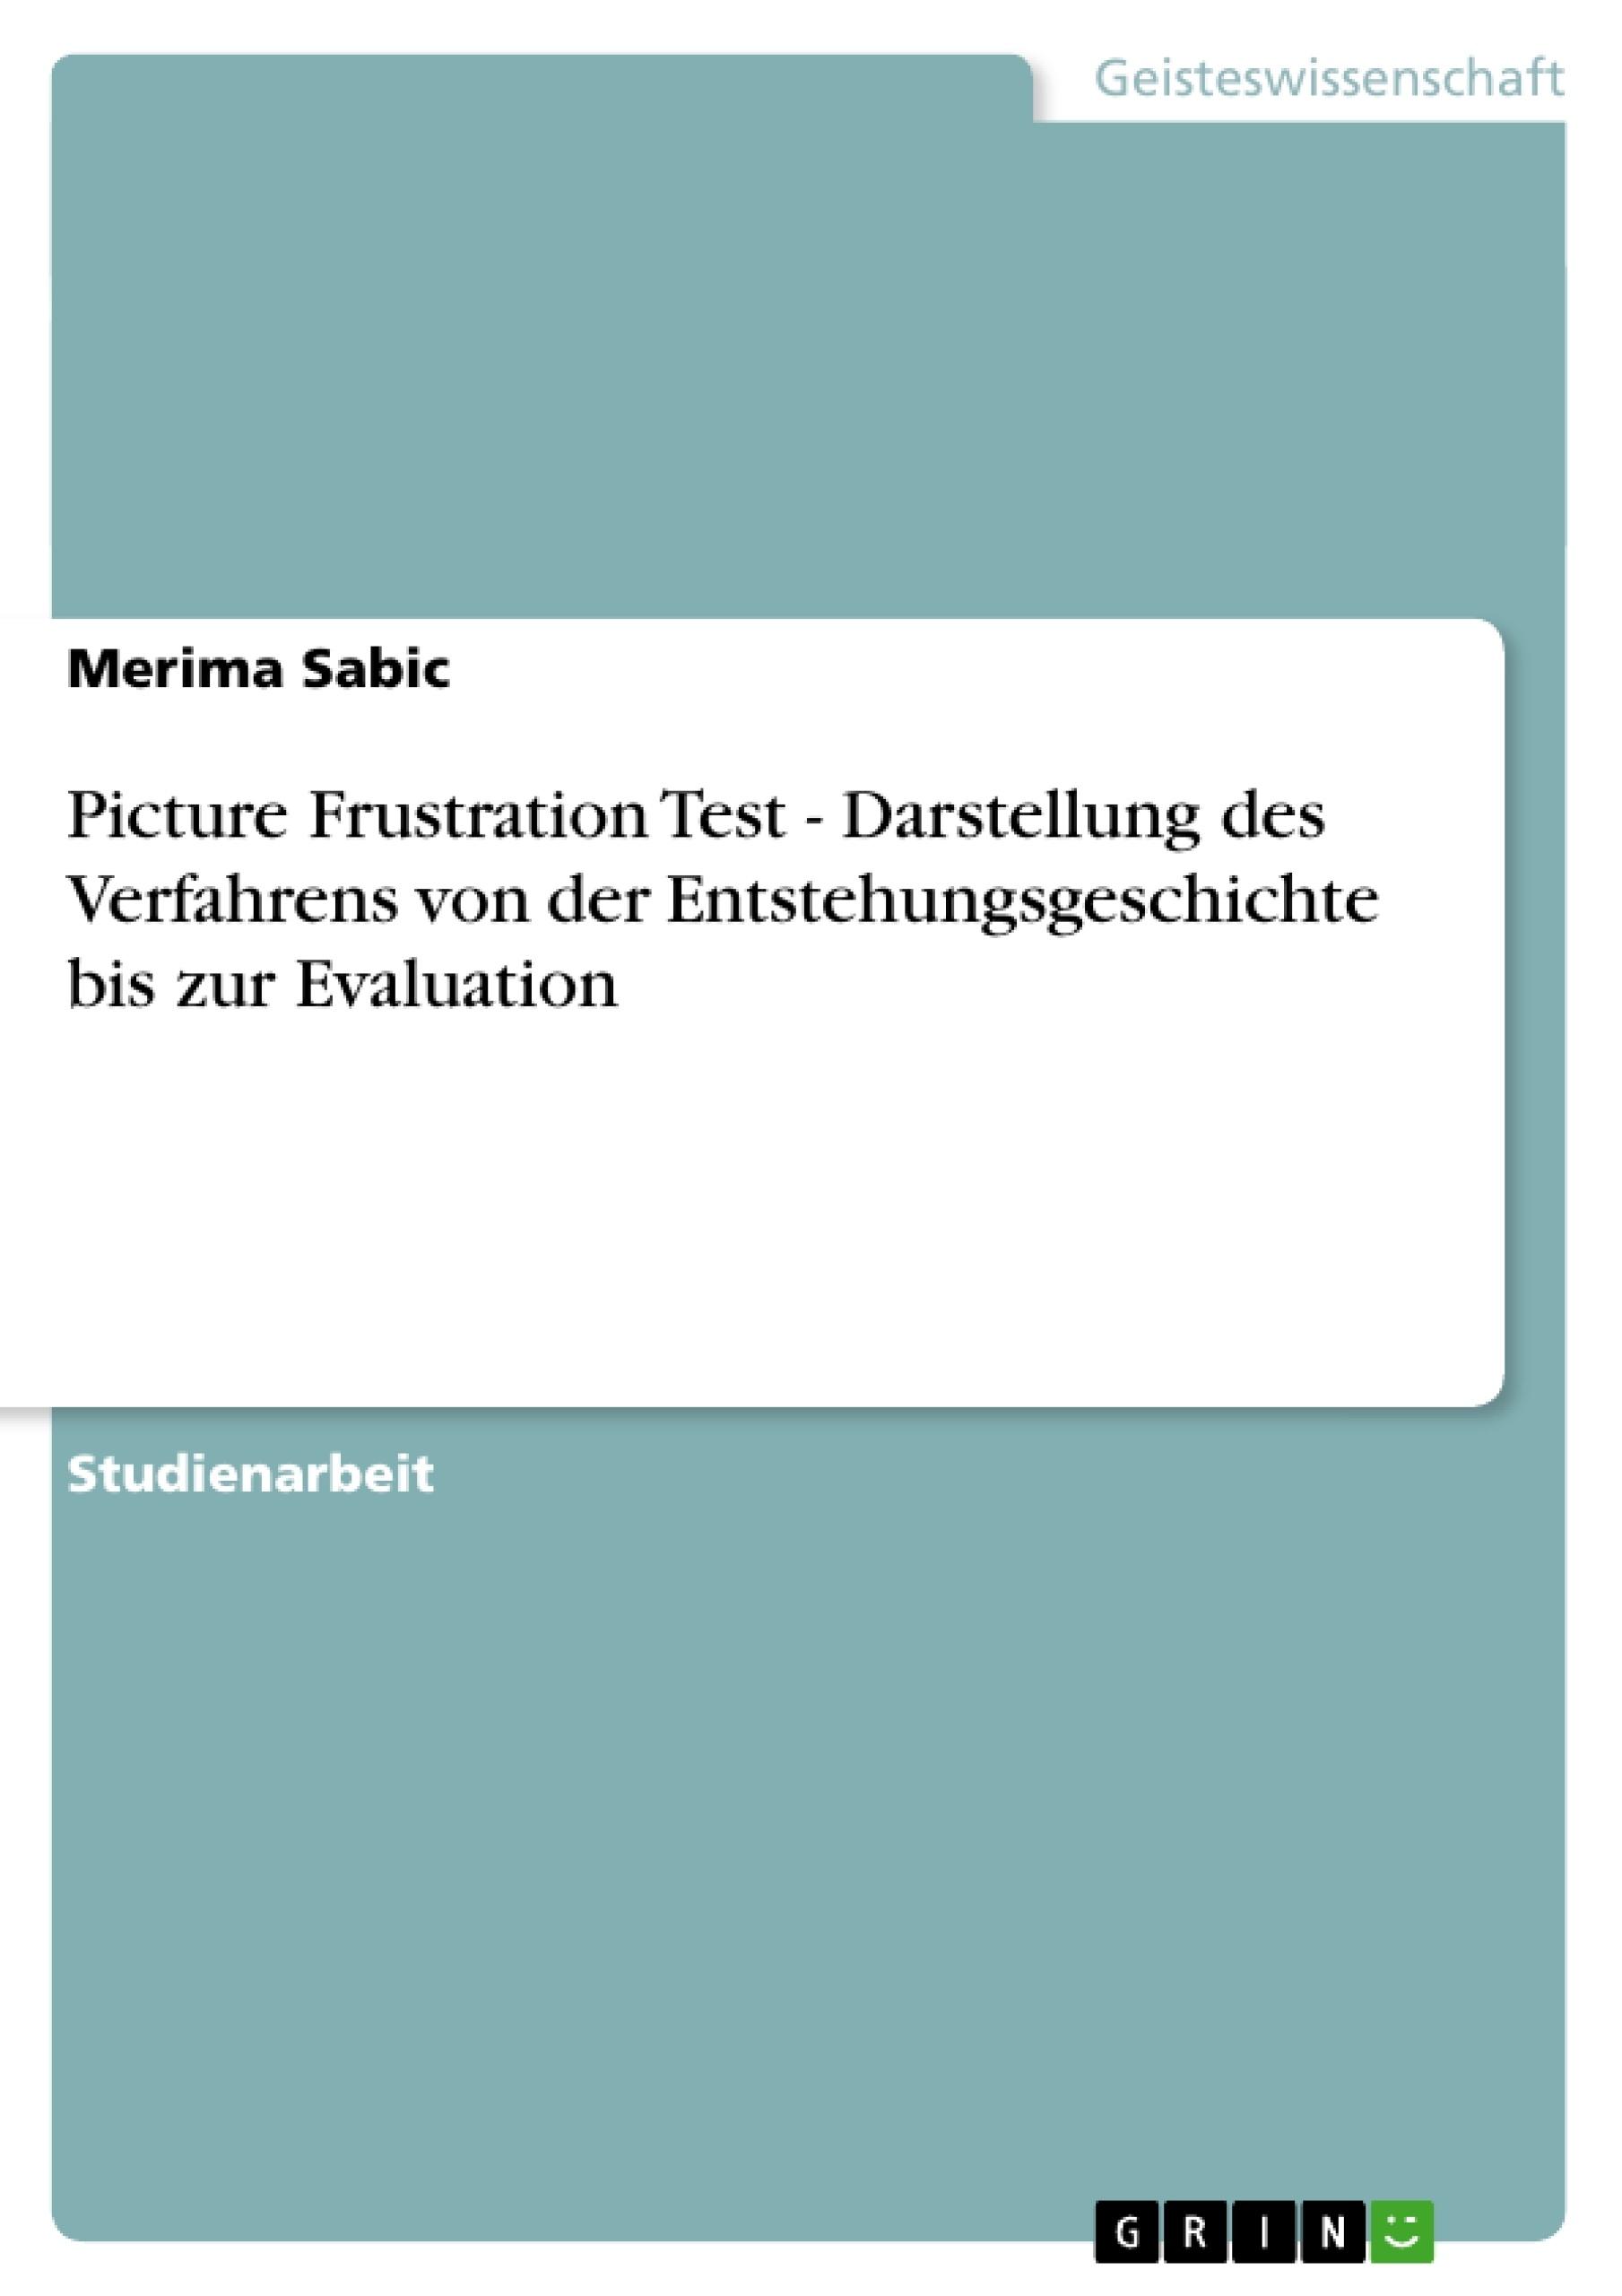 Titel: Picture Frustration Test  -  Darstellung des Verfahrens von der Entstehungsgeschichte bis zur Evaluation